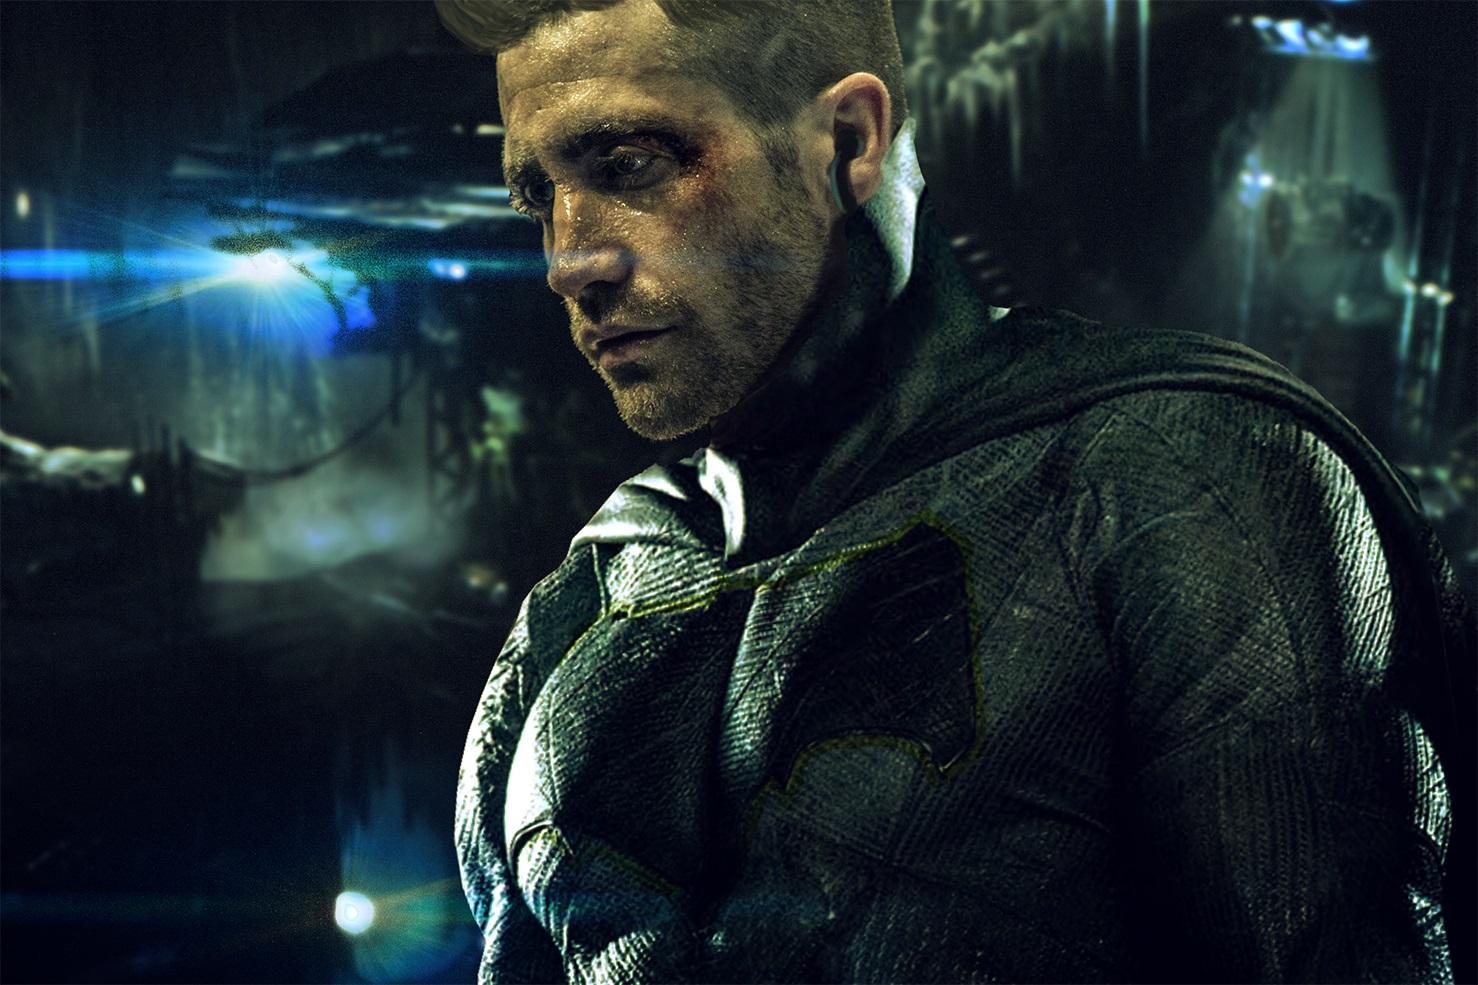 Fan-art depicting Jake Gyllenhaal as Batman